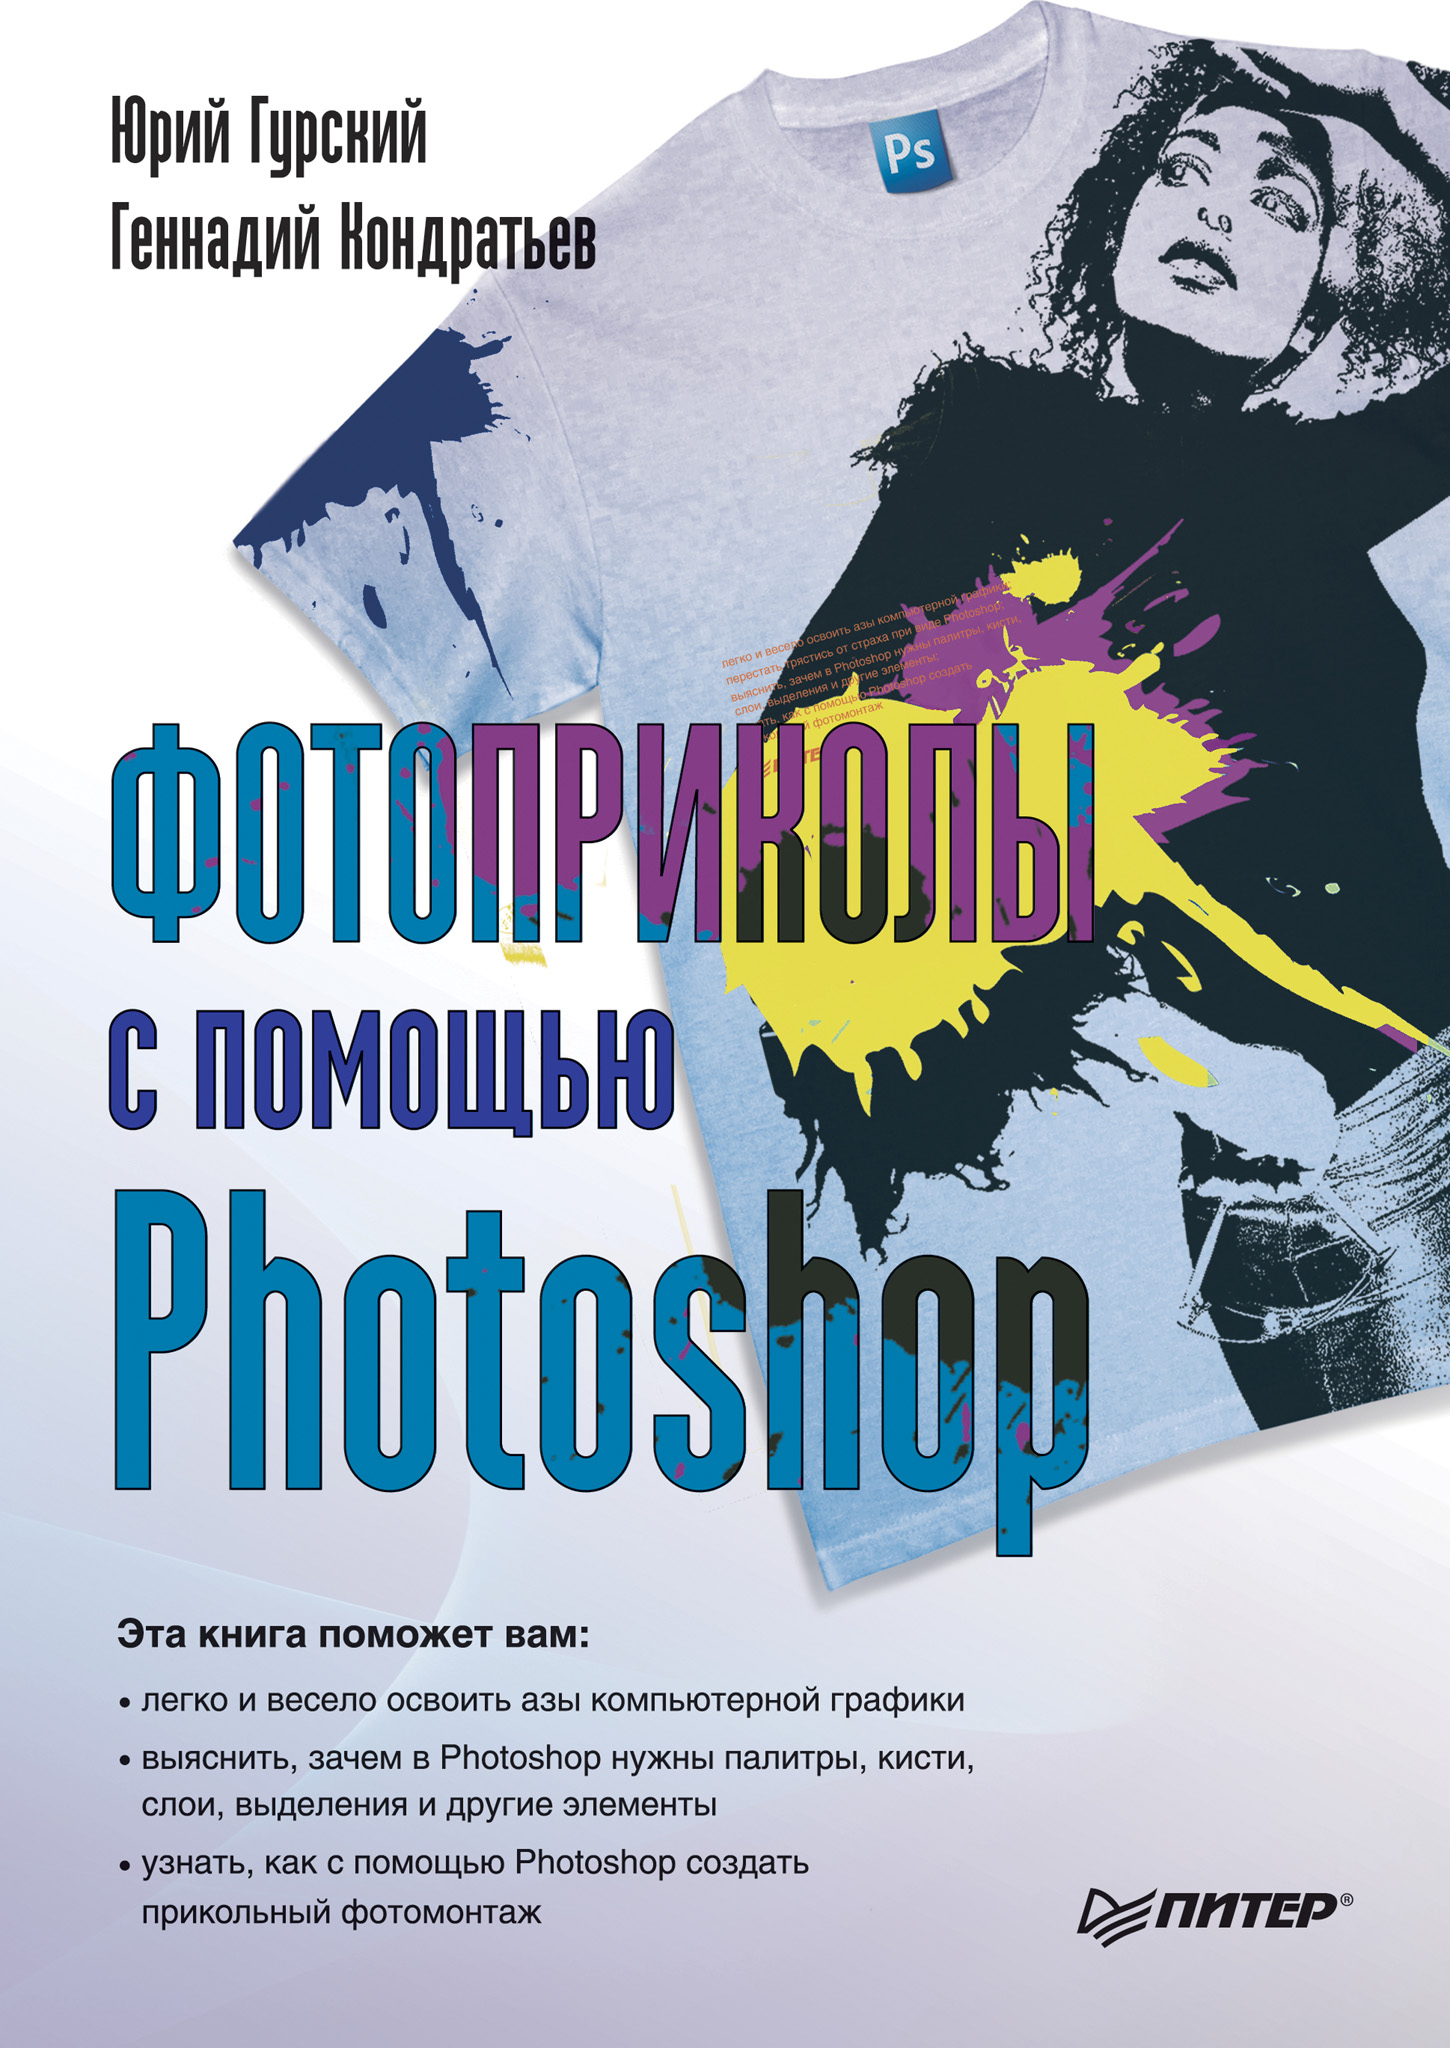 Юрий Гурский Фотоприколы с помощью Photoshop photoshop made simple